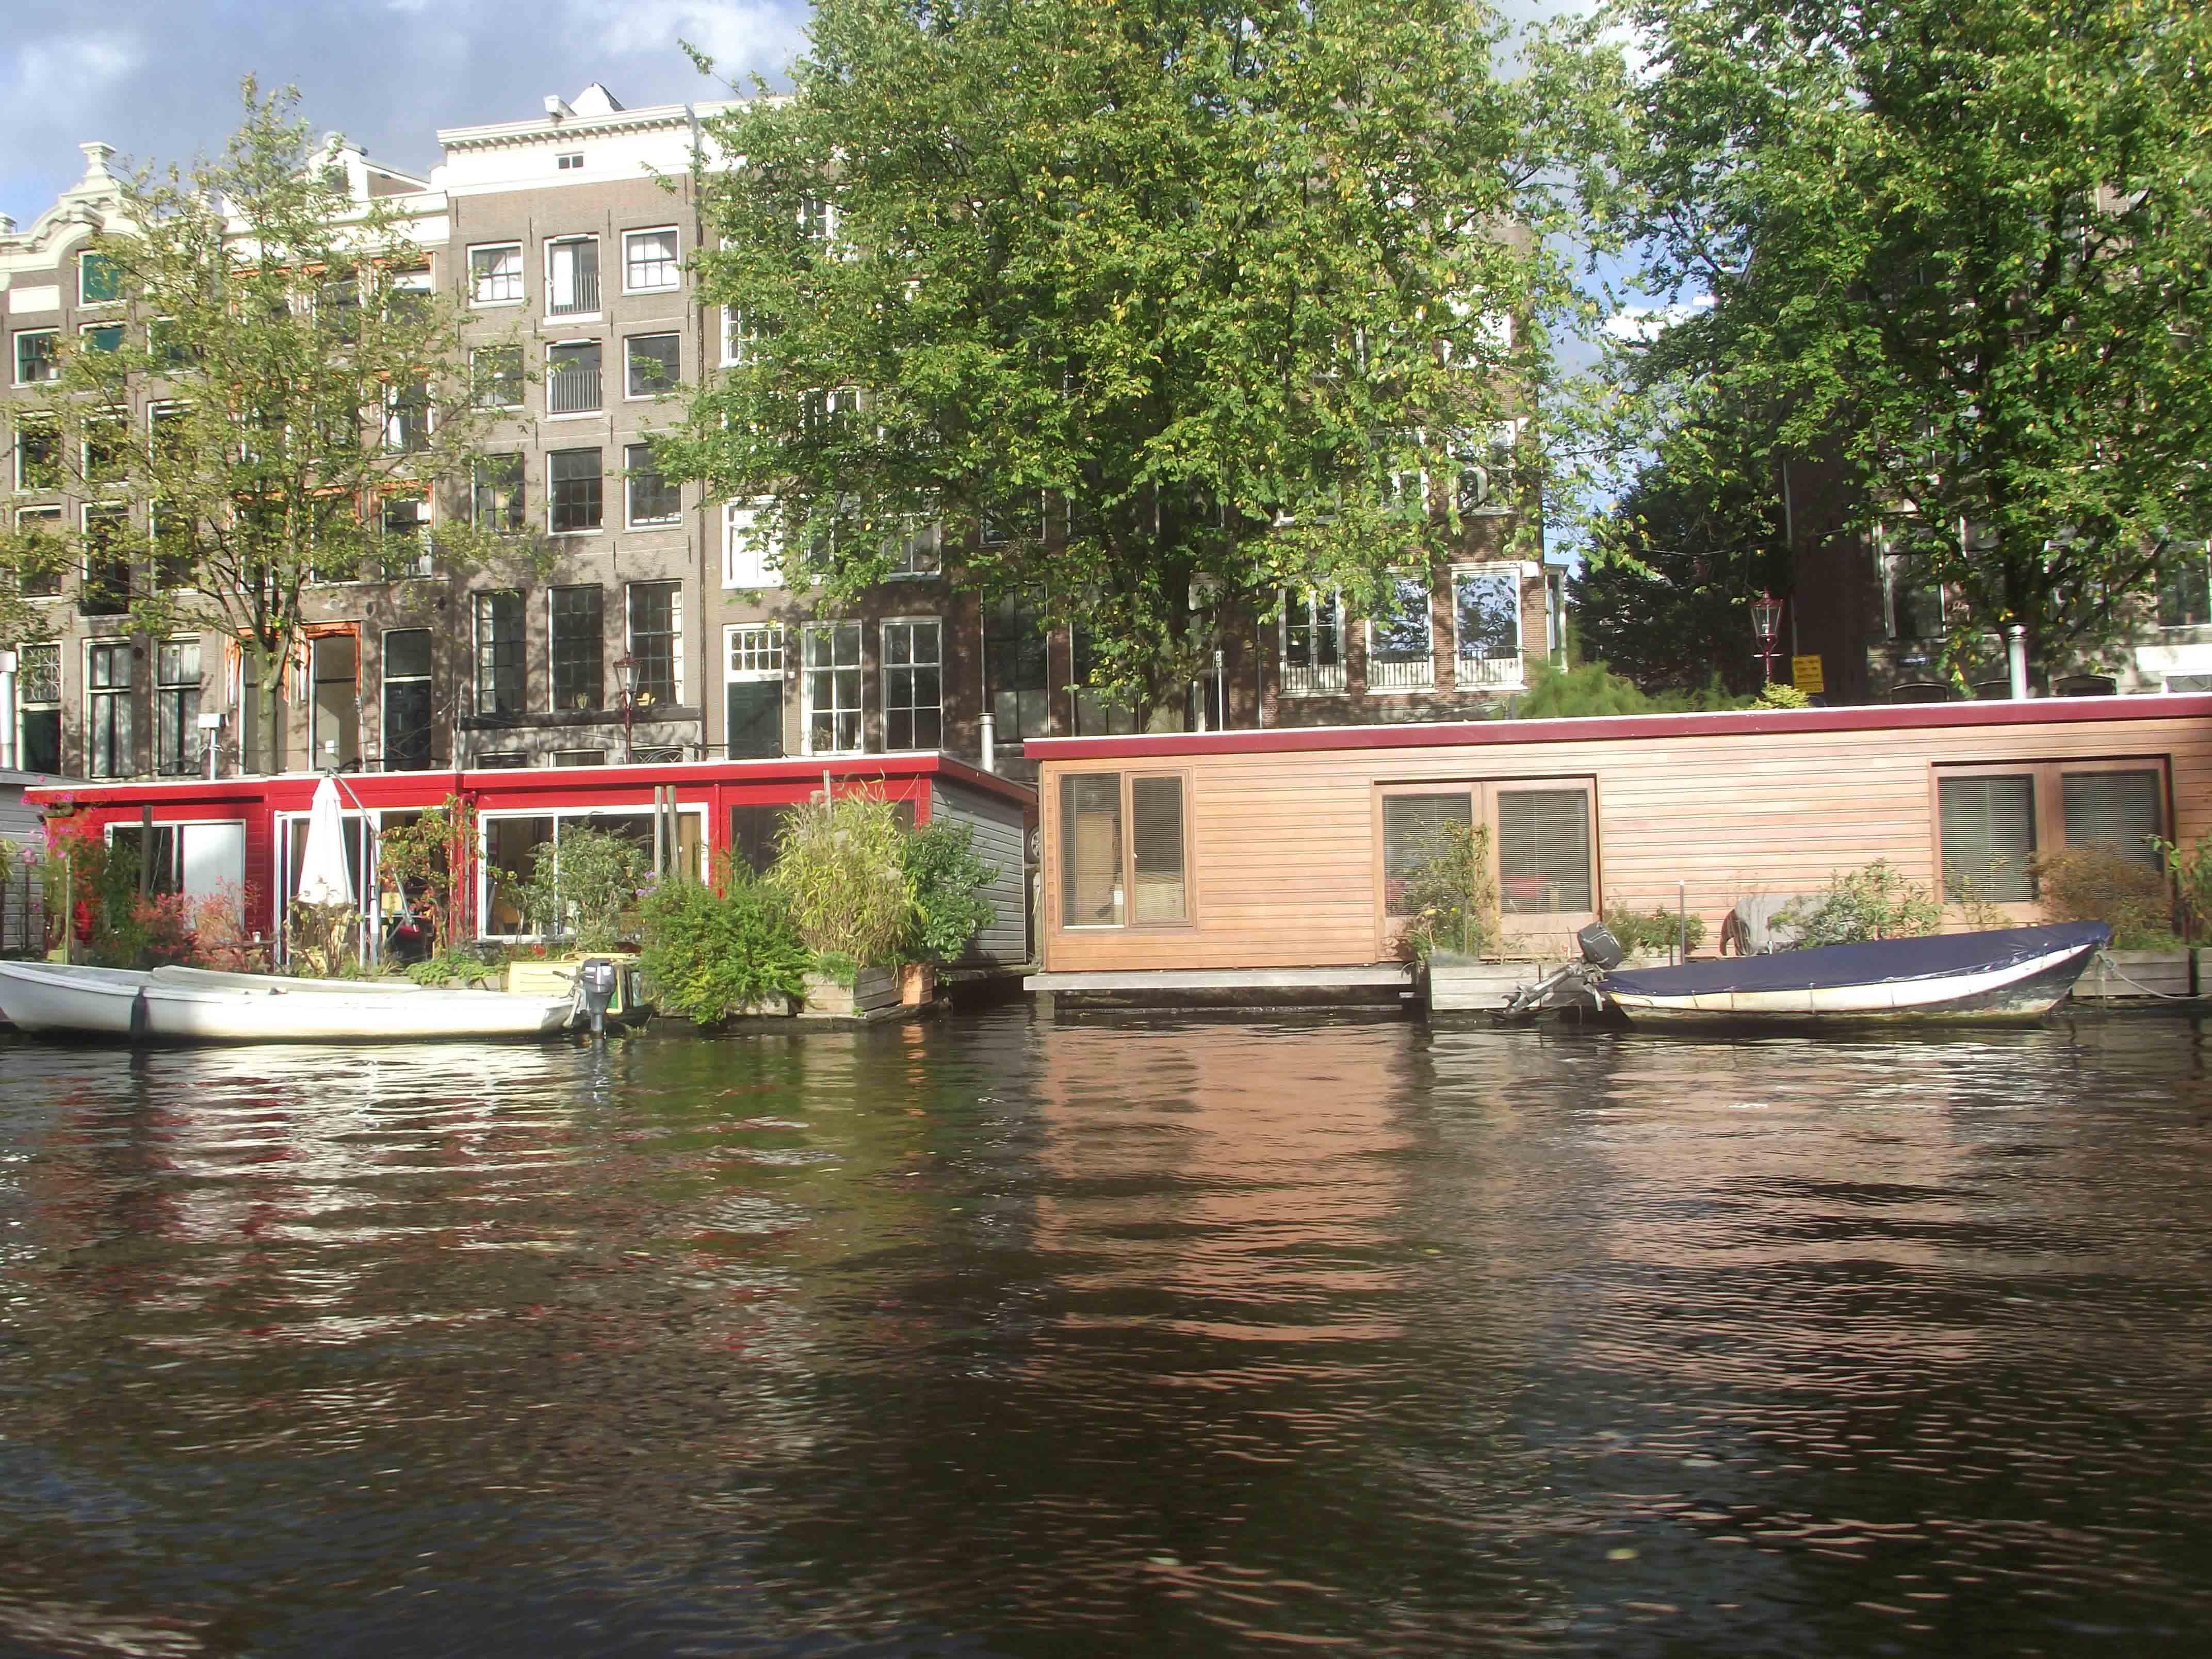 Casa aquactica em Amsterdam